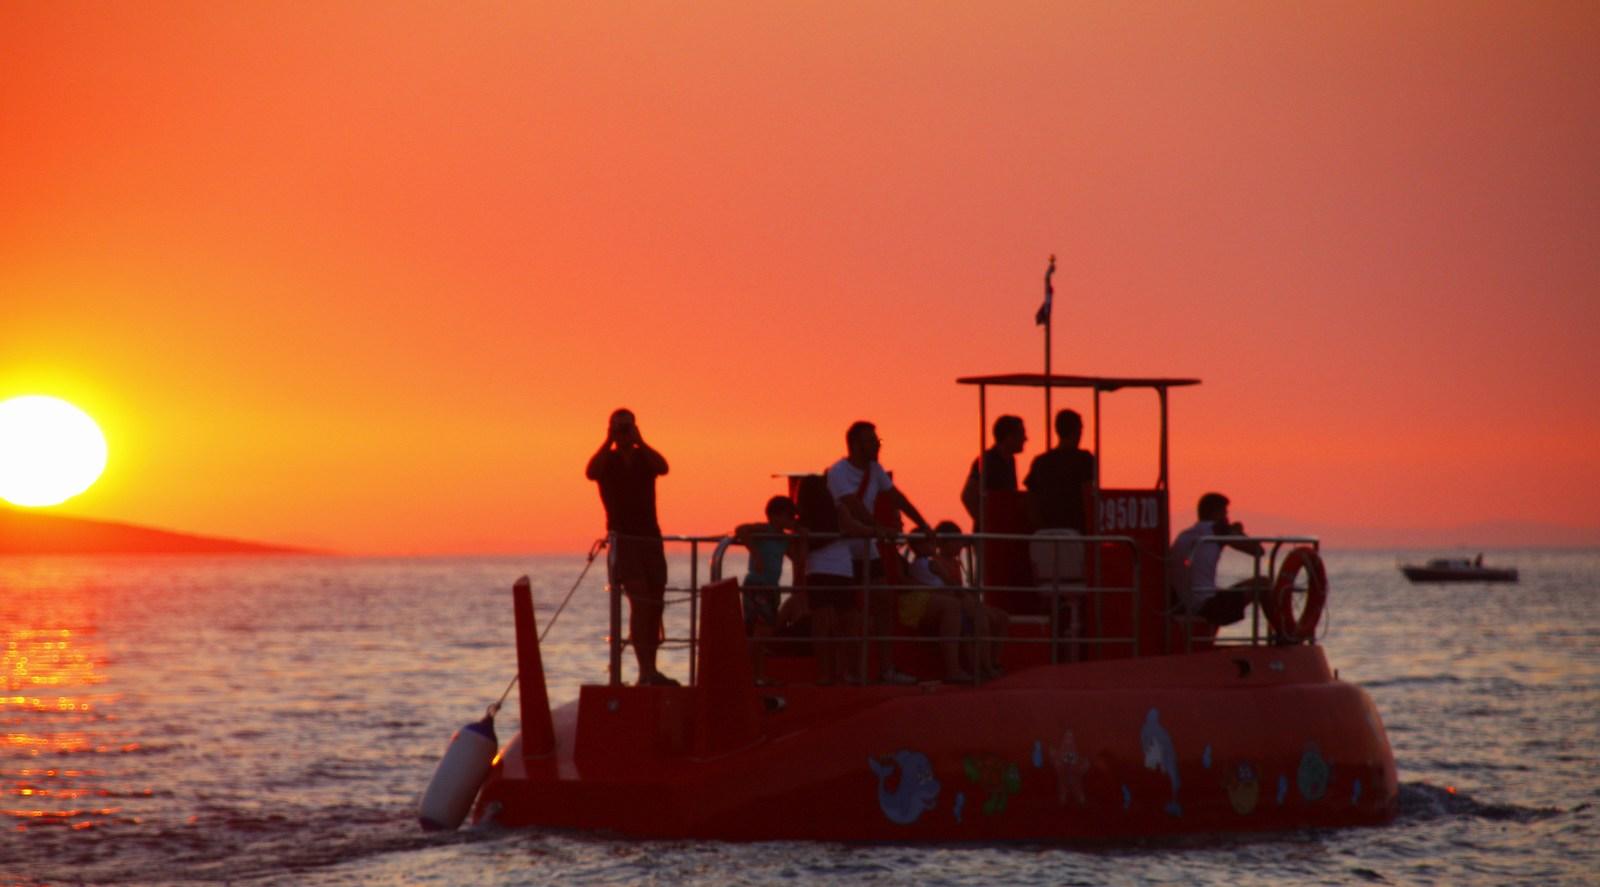 Manjša podmornica …. ima prostora za 12 potnikov, mornarjev. :-)